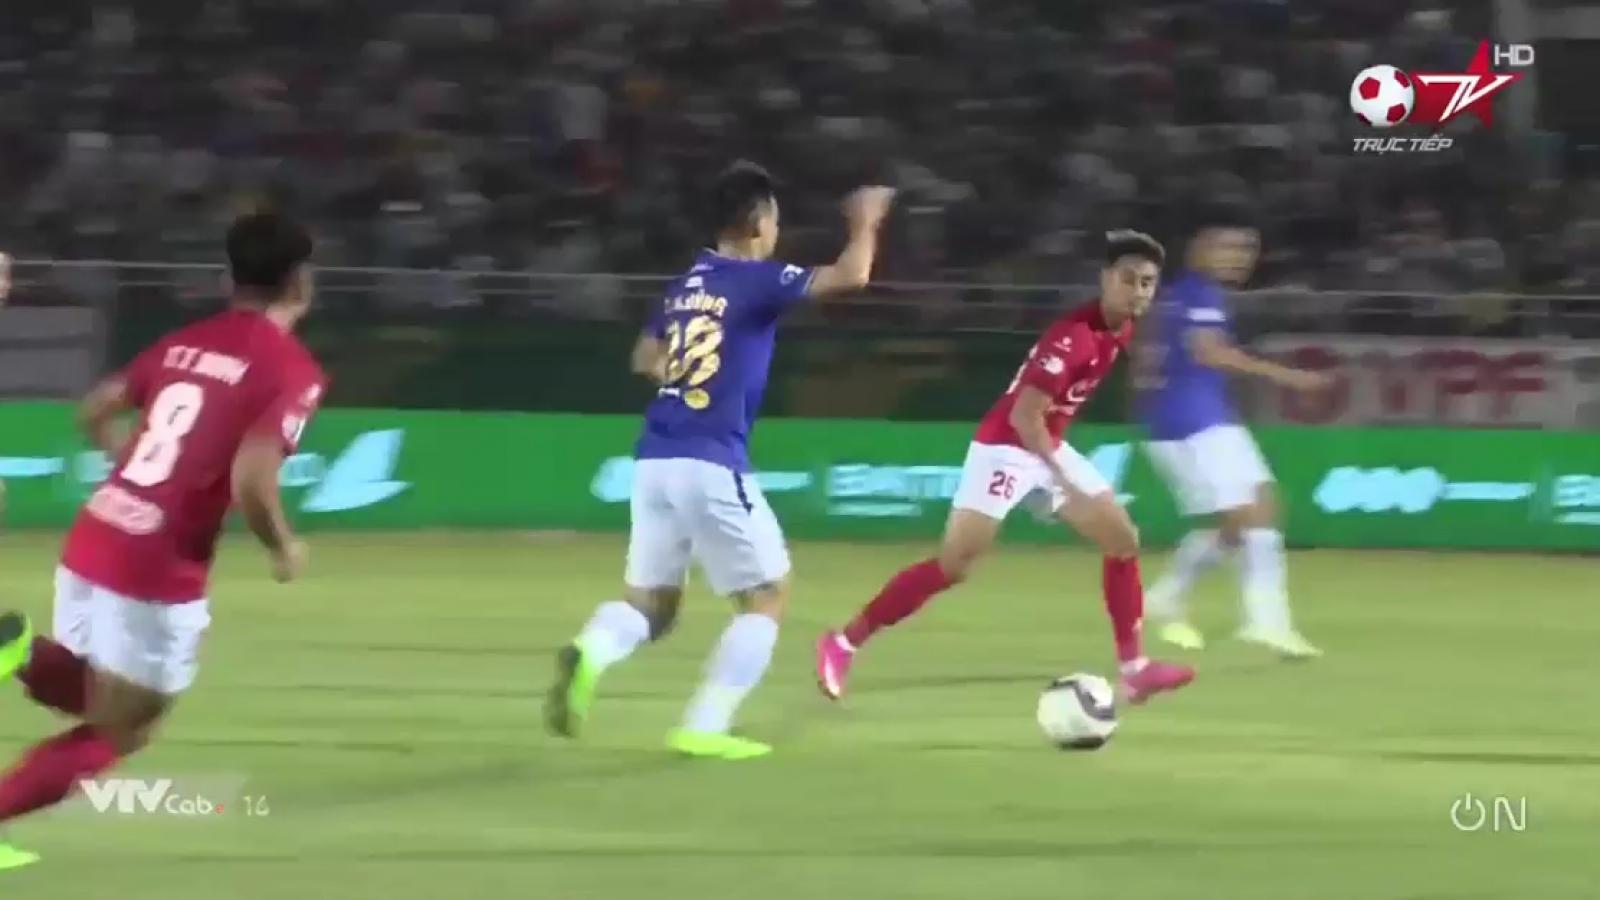 Clip: Hoàng Thịnh khiến Hùng Dũng chấn thương kinh hoàng ở trận CLB TPHCM - Hà Nội FC